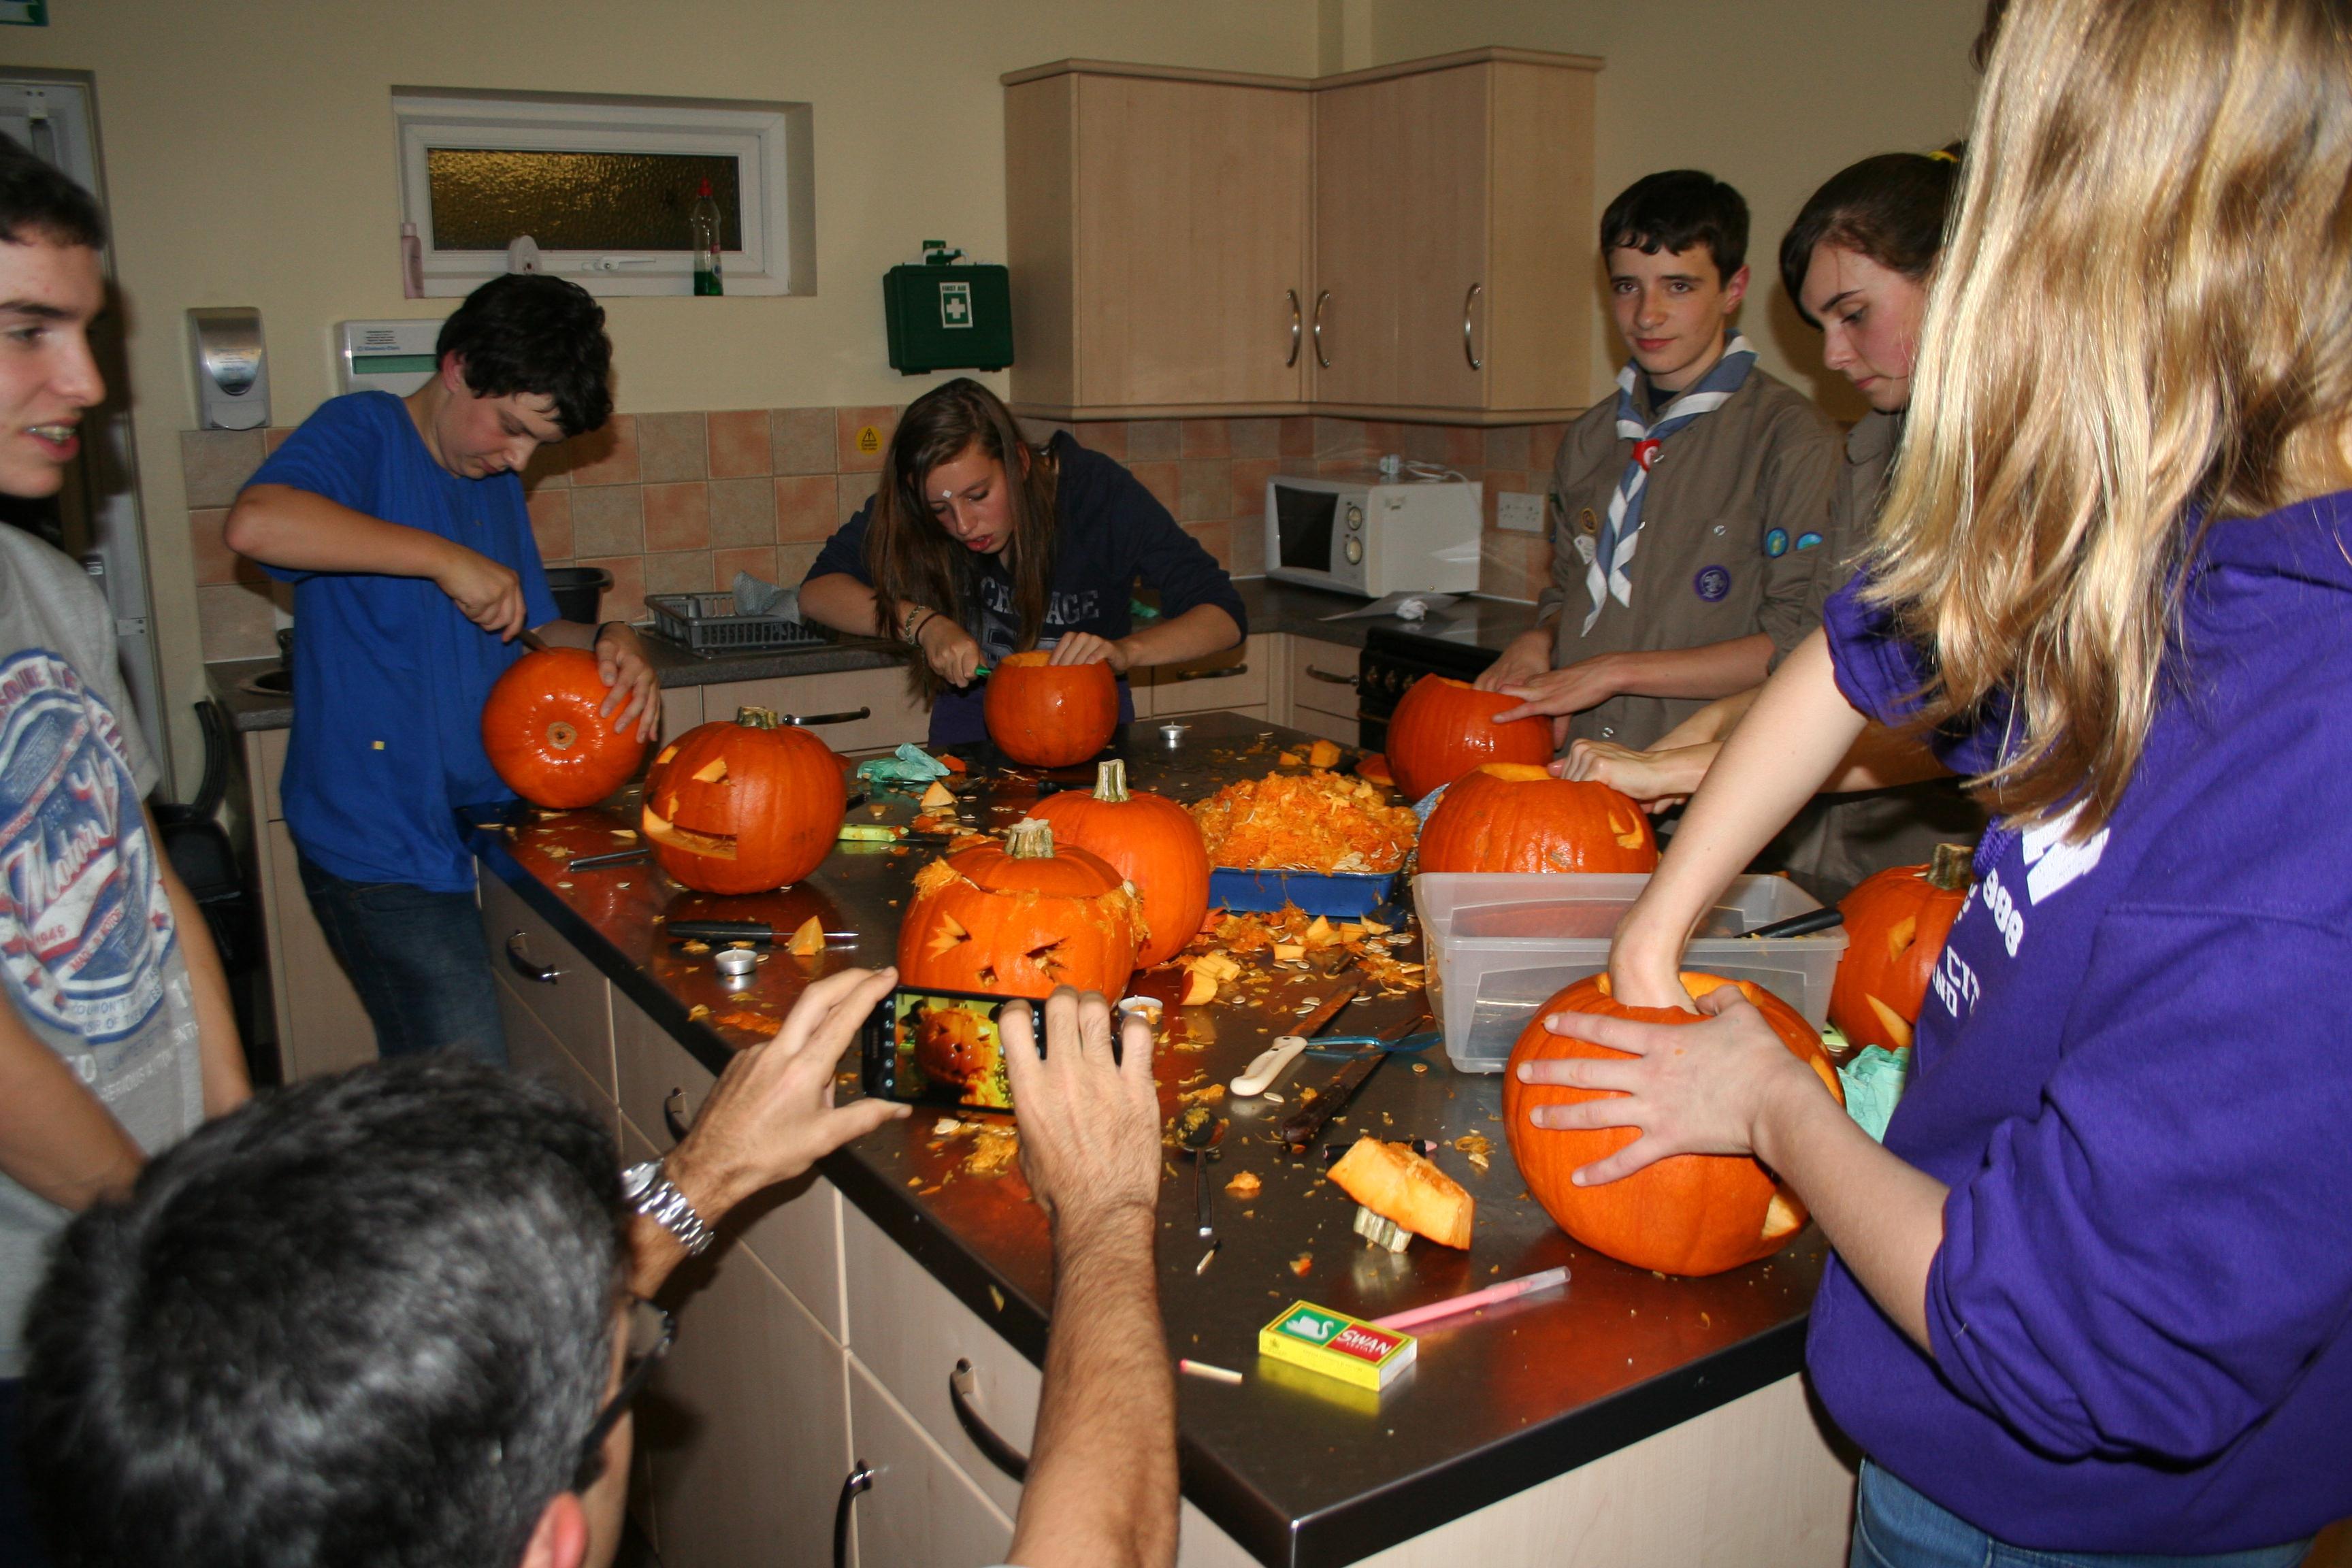 Thursday 25th Oct - Explorers + Pumpkins = Mess!